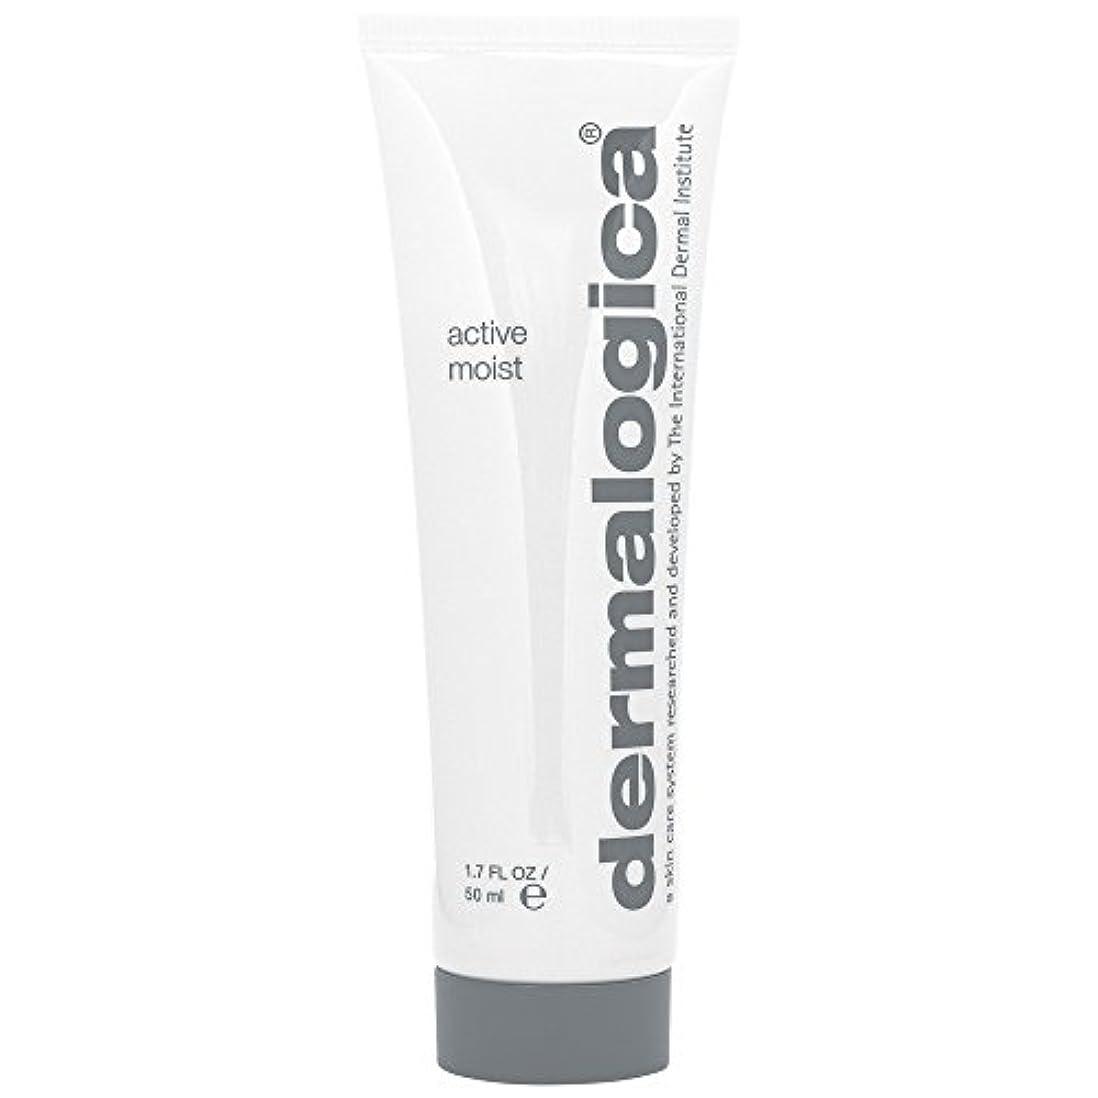 調整賃金窒息させるダーマロジカアクティブ湿った顔の保湿剤の50ミリリットル (Dermalogica) - Dermalogica Active Moist Facial Moisturiser 50ml [並行輸入品]